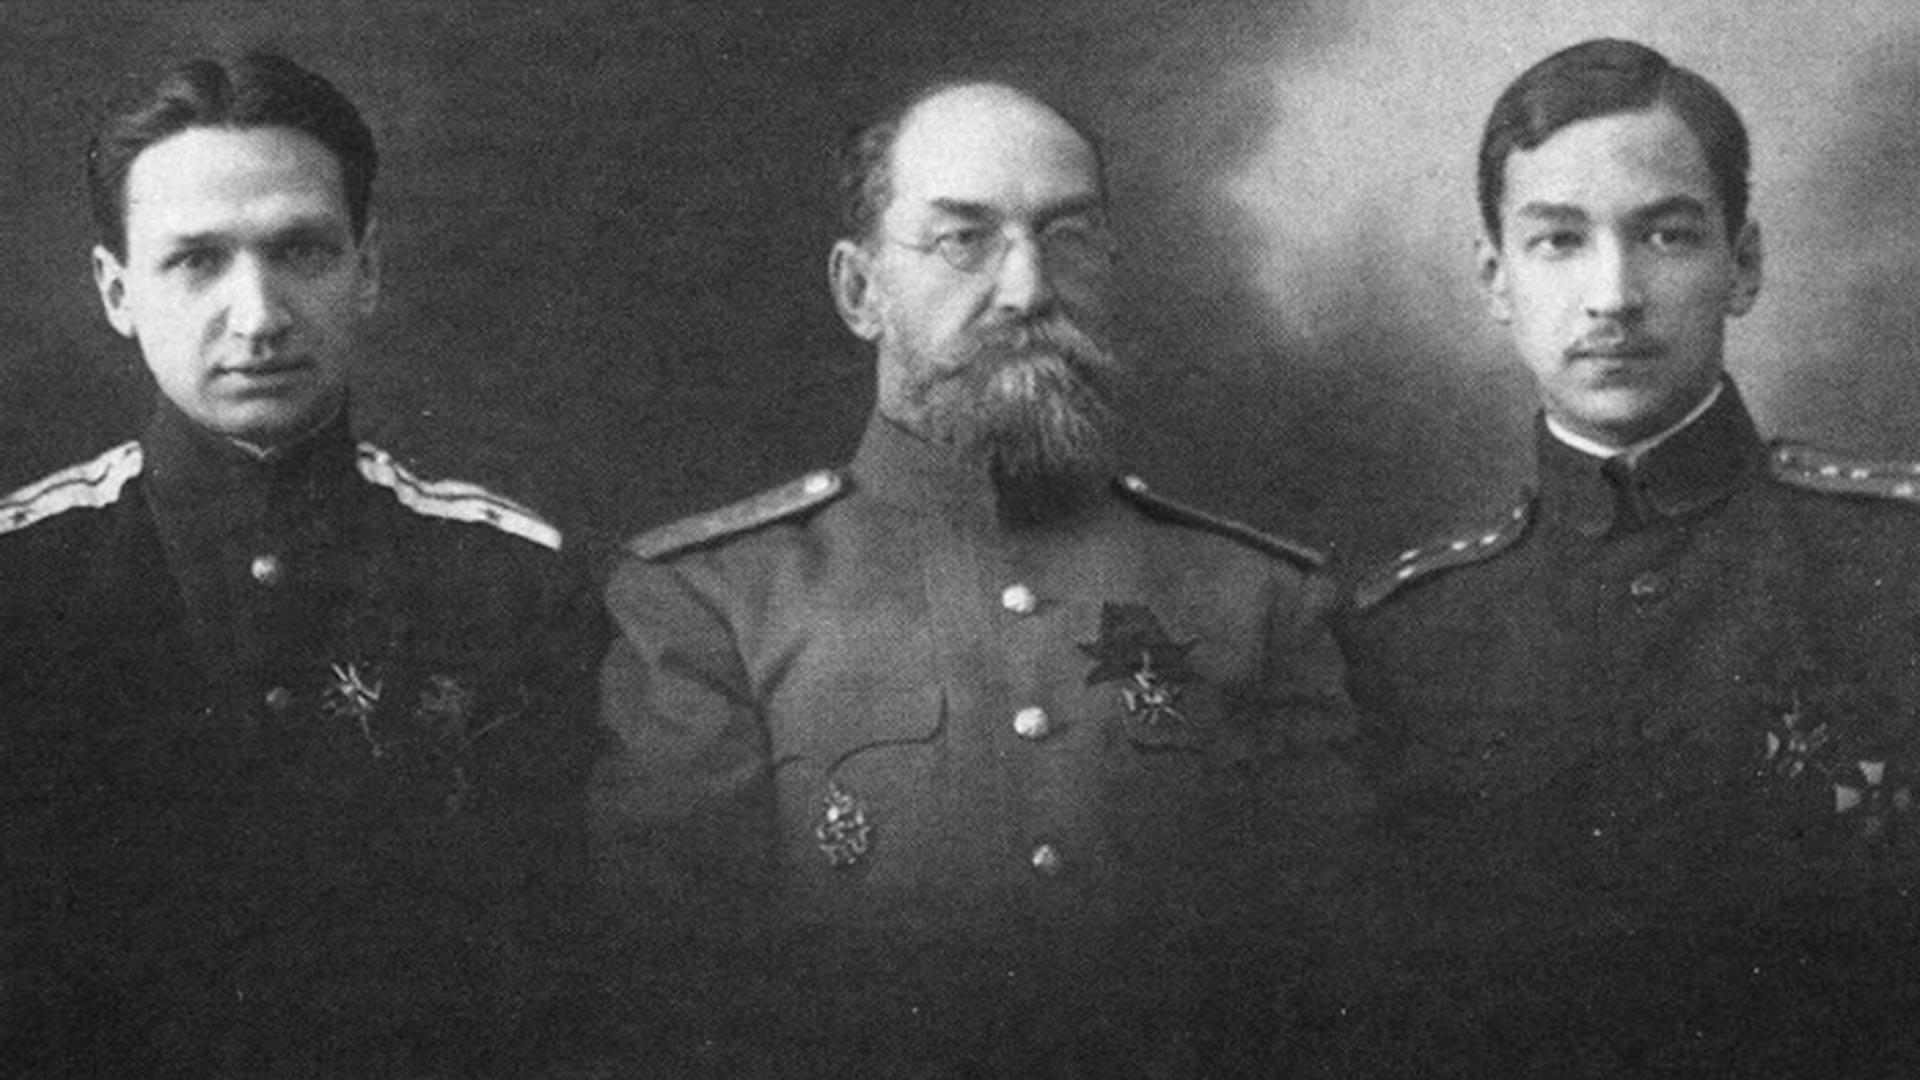 Le chef d'état-major, le capitaine Alexandre Pounine, le général de division Nikolaï Pounine et le capitaine d'état-major Lev Pounine.